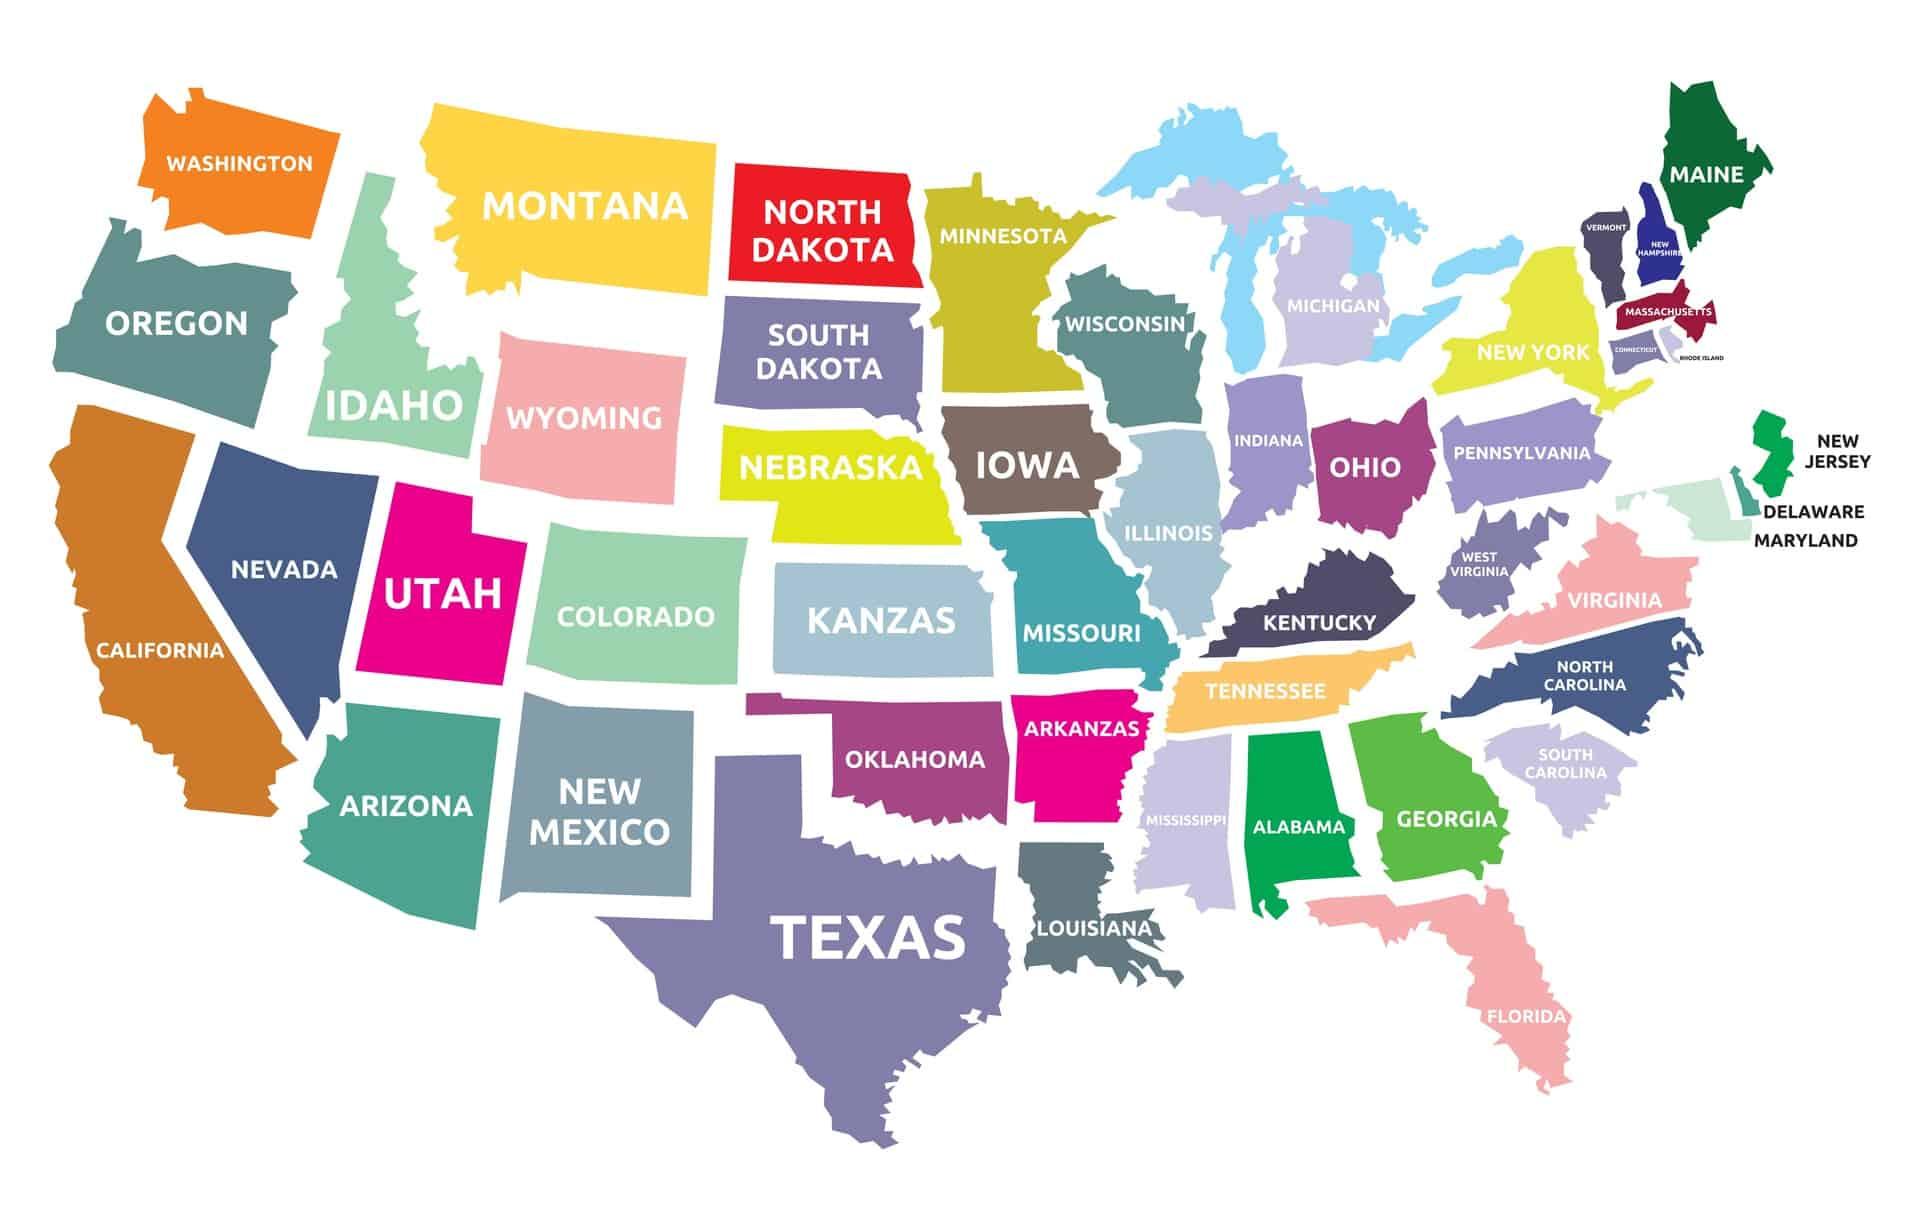 canada abbreviations, all 50 states abbreviations, us state names and abbreviations, 50 states map with abbreviations, us maps abbreviations, us states and territories abbreviations, on us 50 states abbreviations